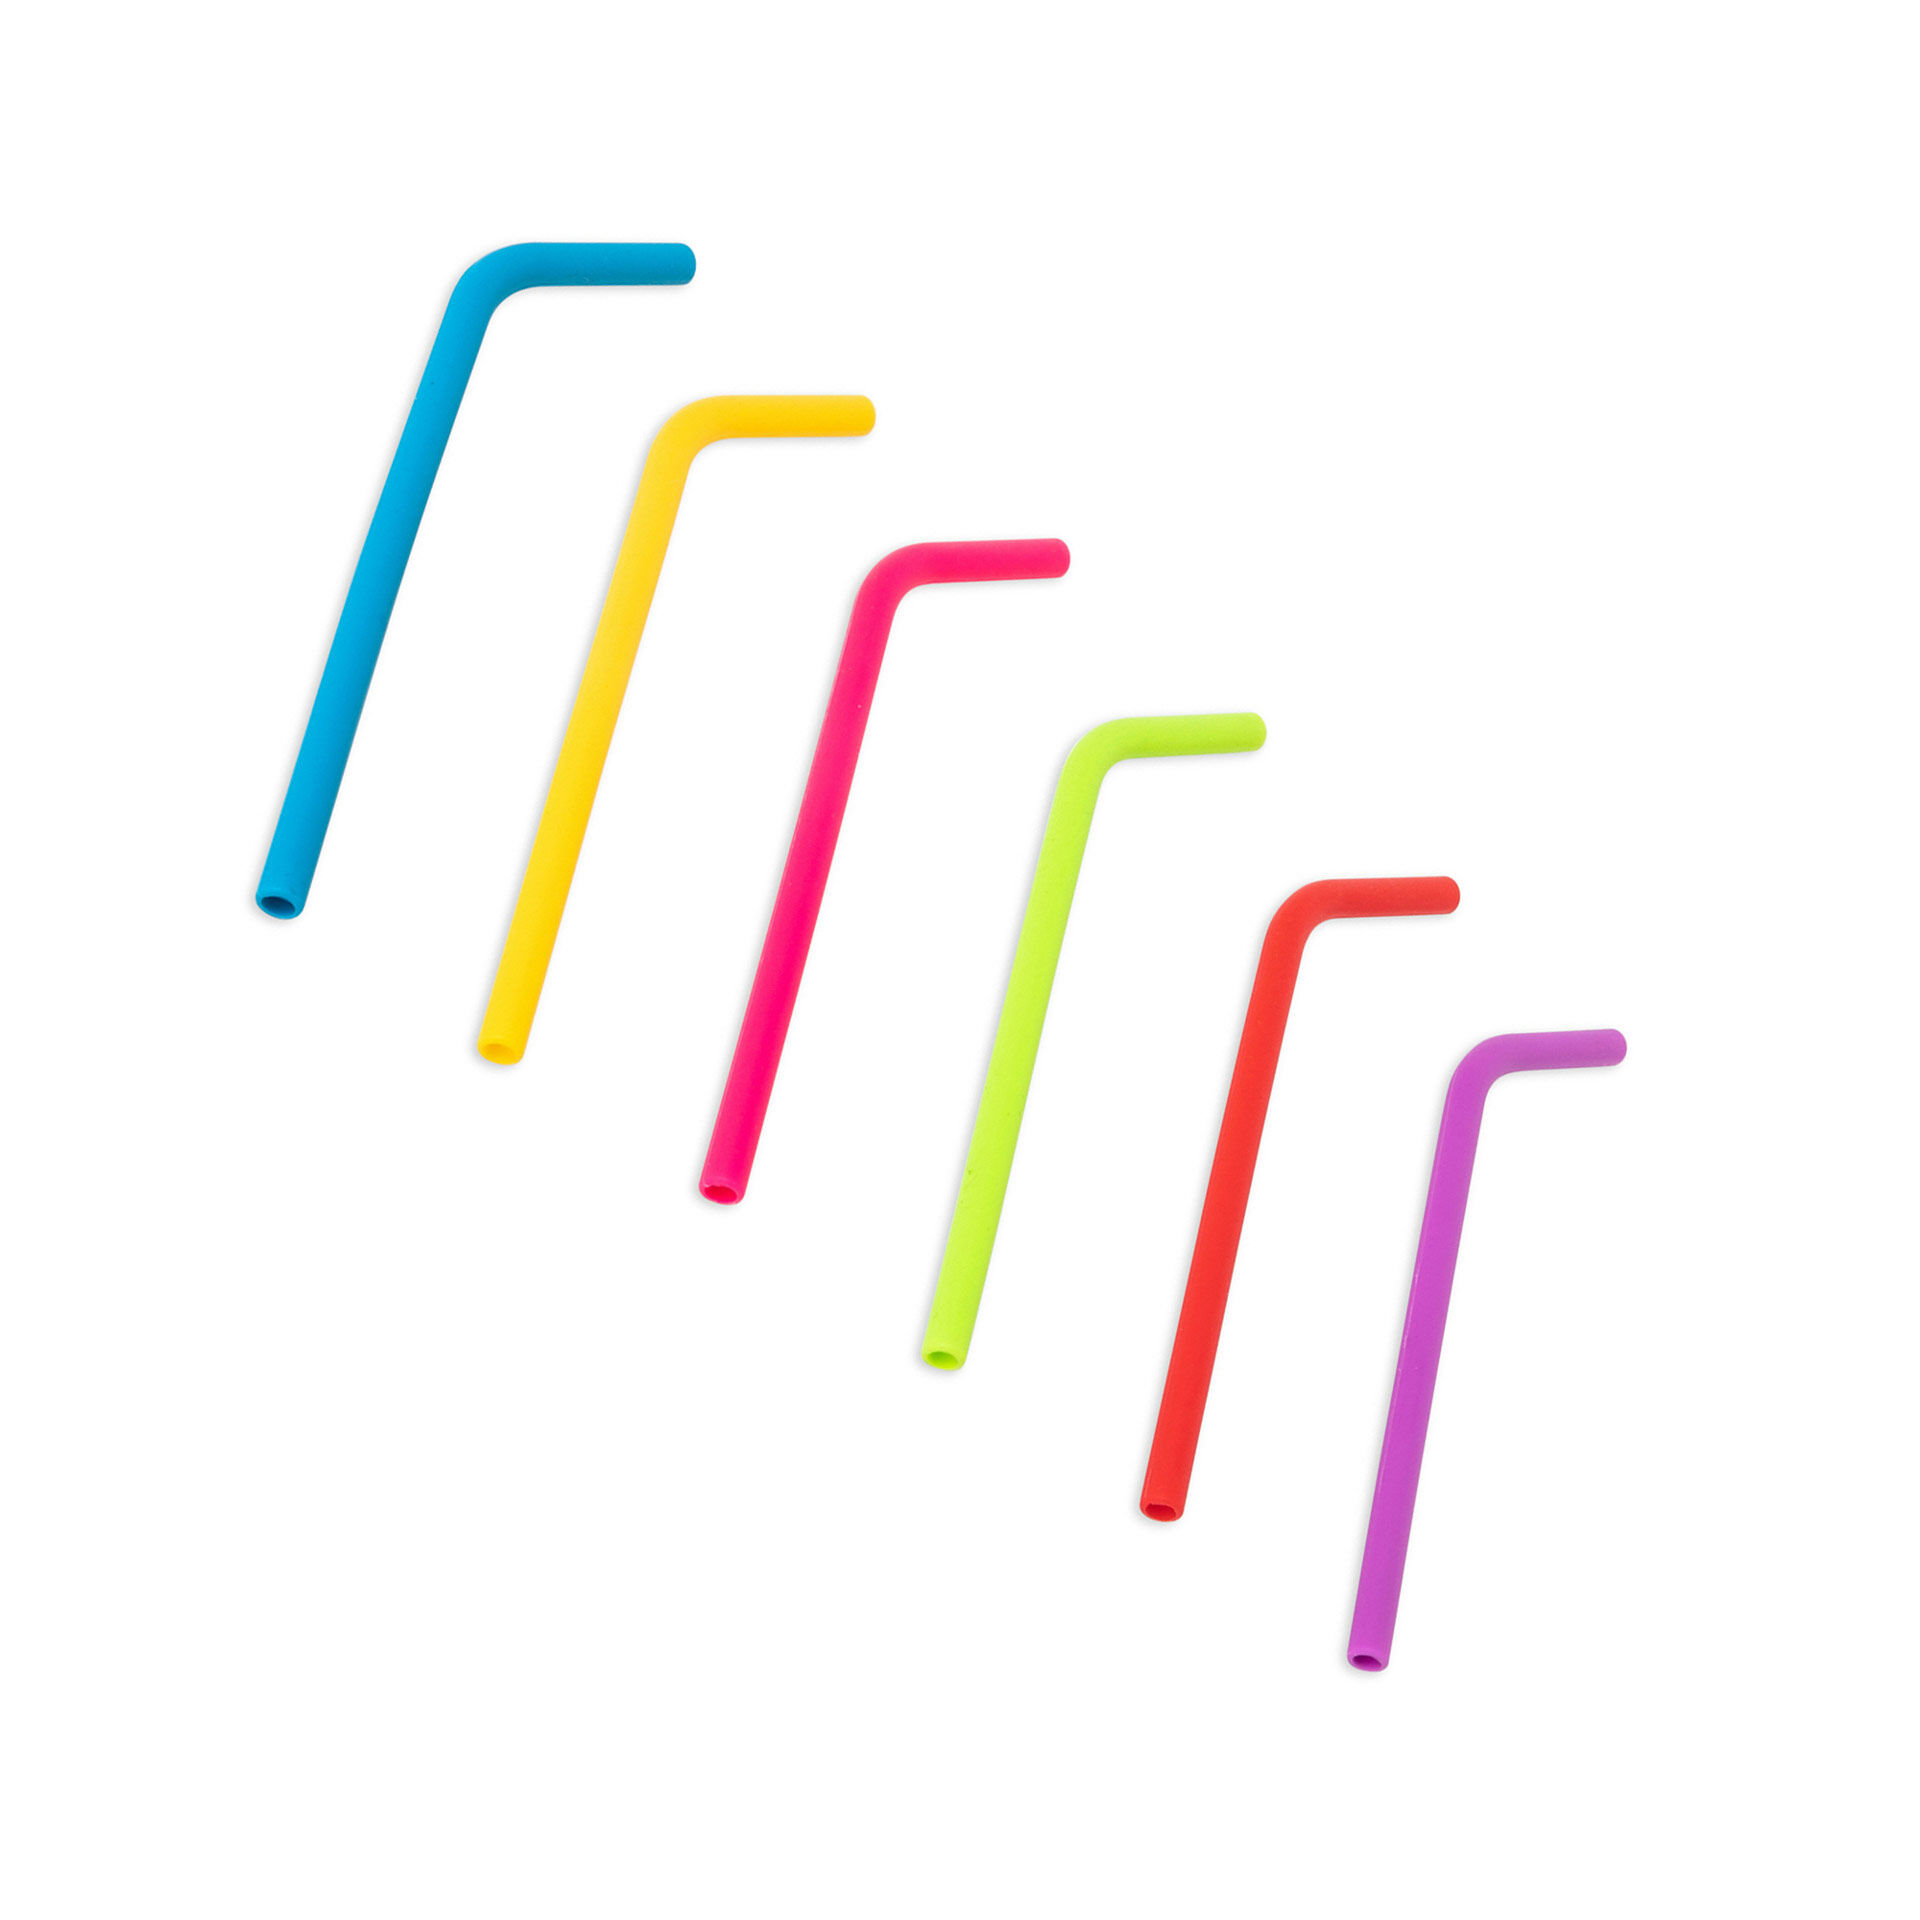 Pailles en silicone réutilisables - Lot de 6 pièces, , large